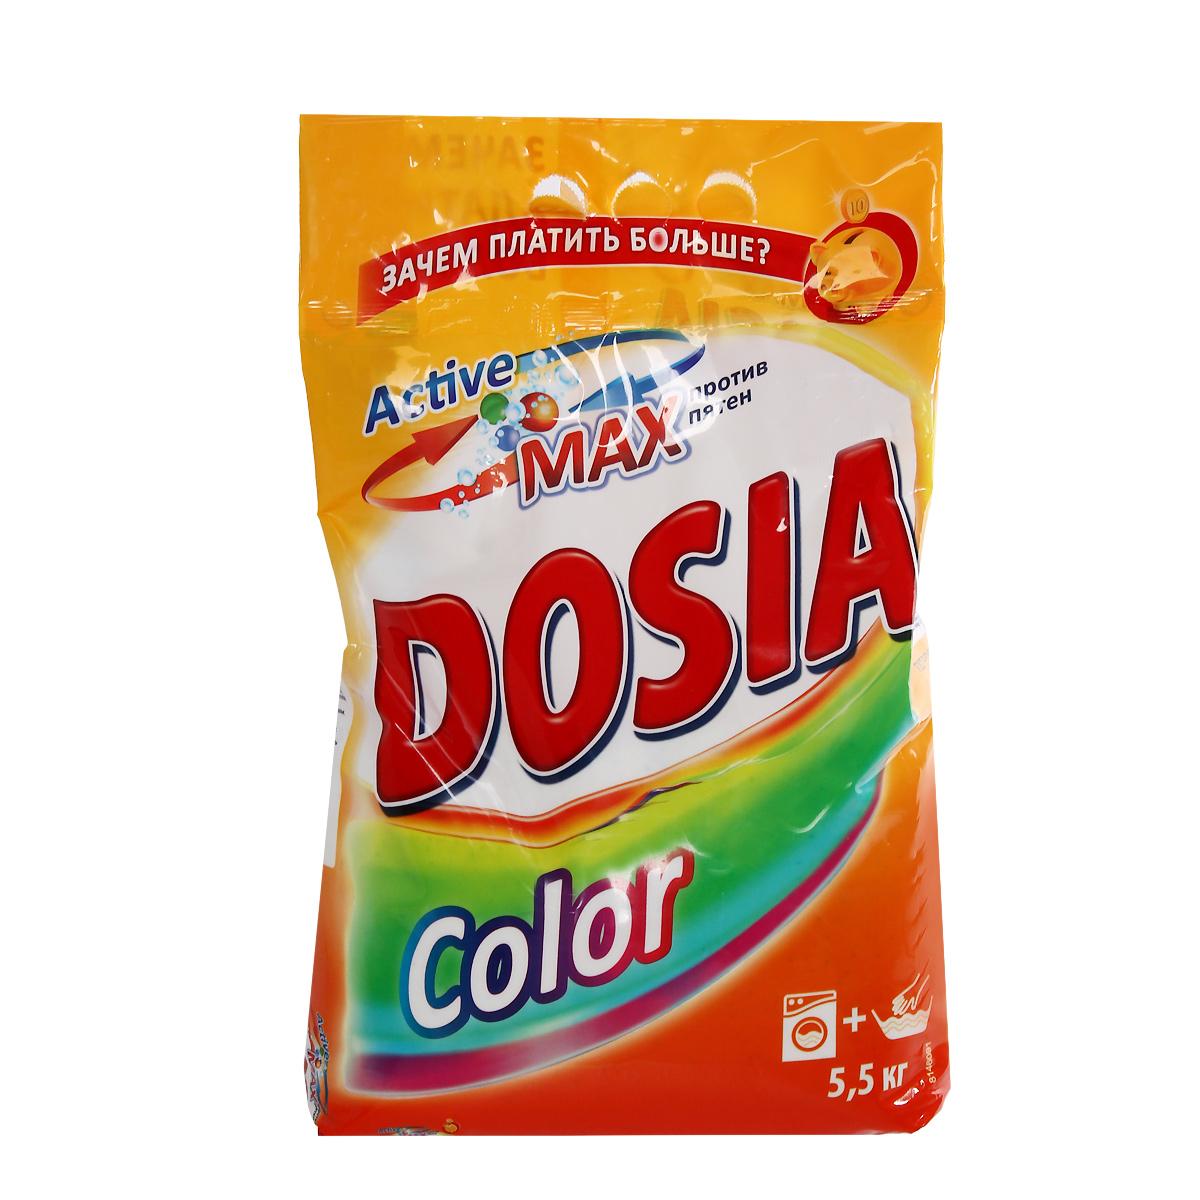 Стиральный порошок Dosia Color, аромат свежести, 5,5 кг7504191Стиральный порошок Dosia Color предназначен для стирки в стиральных машинах любого типа, также подходит для ручной стирки. Стиральный порошок содержит комплекс элементов, благодаря которым белье после стирки становиться чистым и свежим. Стиральный порошок Dosia Color для цветного белья бережно удаляет пятна, сохраняя свежий цвет ваших вещей стирка за стиркой! Порошок содержит компоненты, помогающие защитить стиральную машину от накипи и известкового налета.